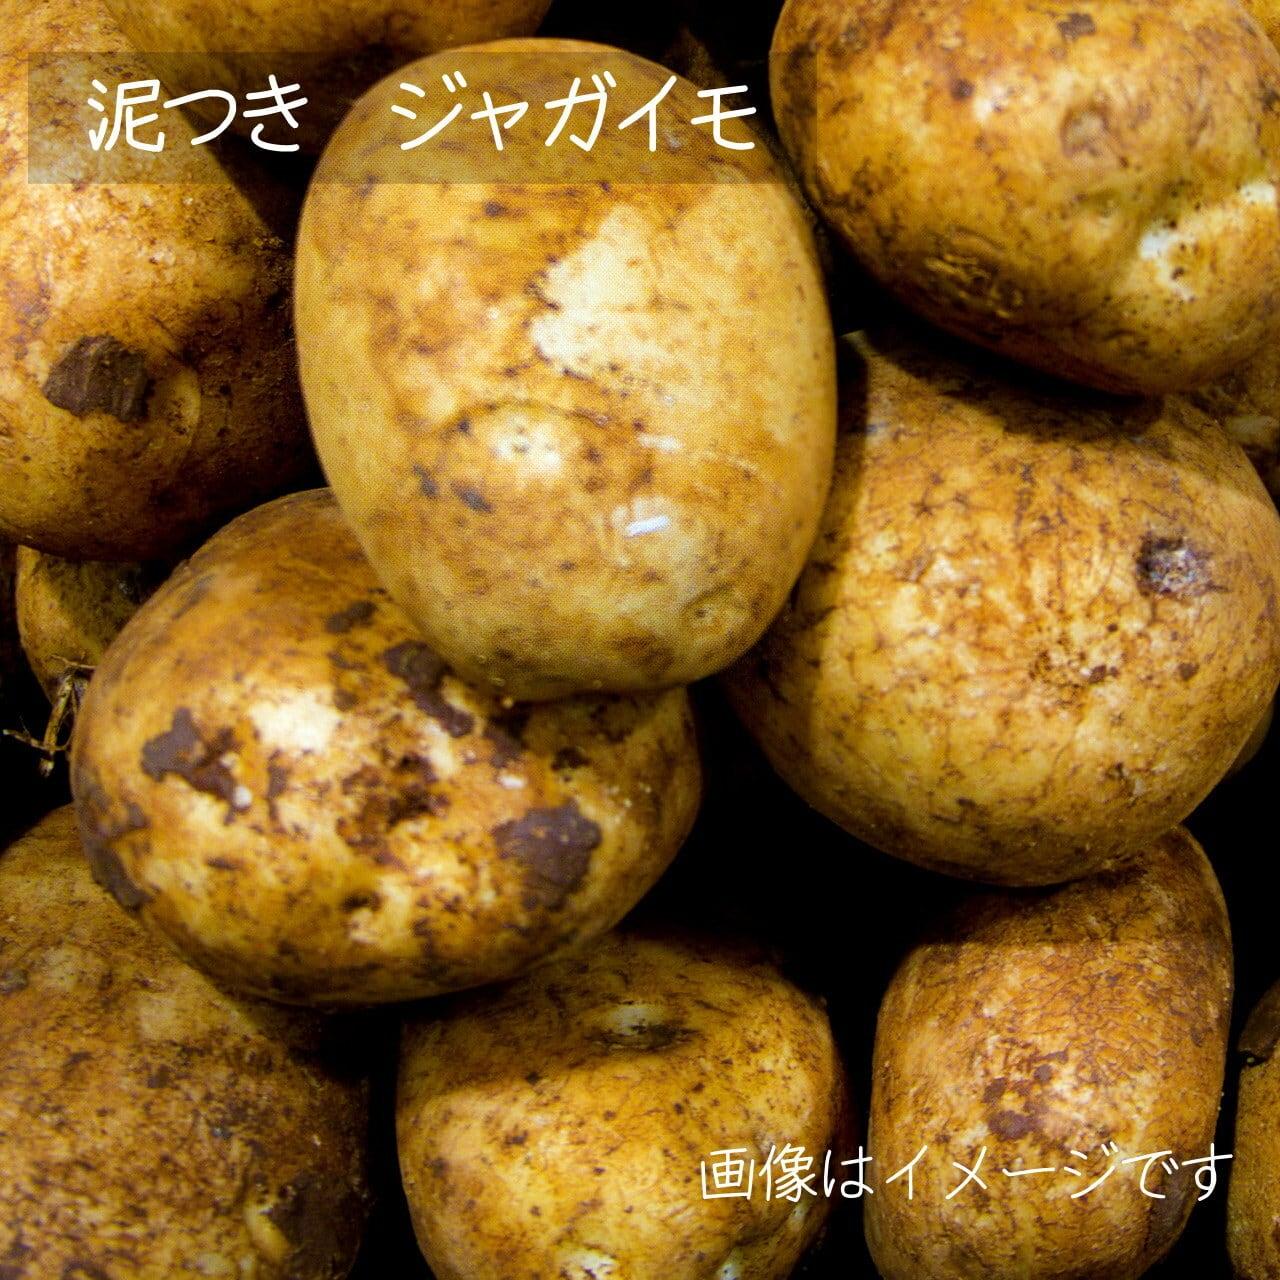 10月の朝採り直売野菜 : ジャガイモ 約600g 新鮮な秋野菜 10月5日発送予定